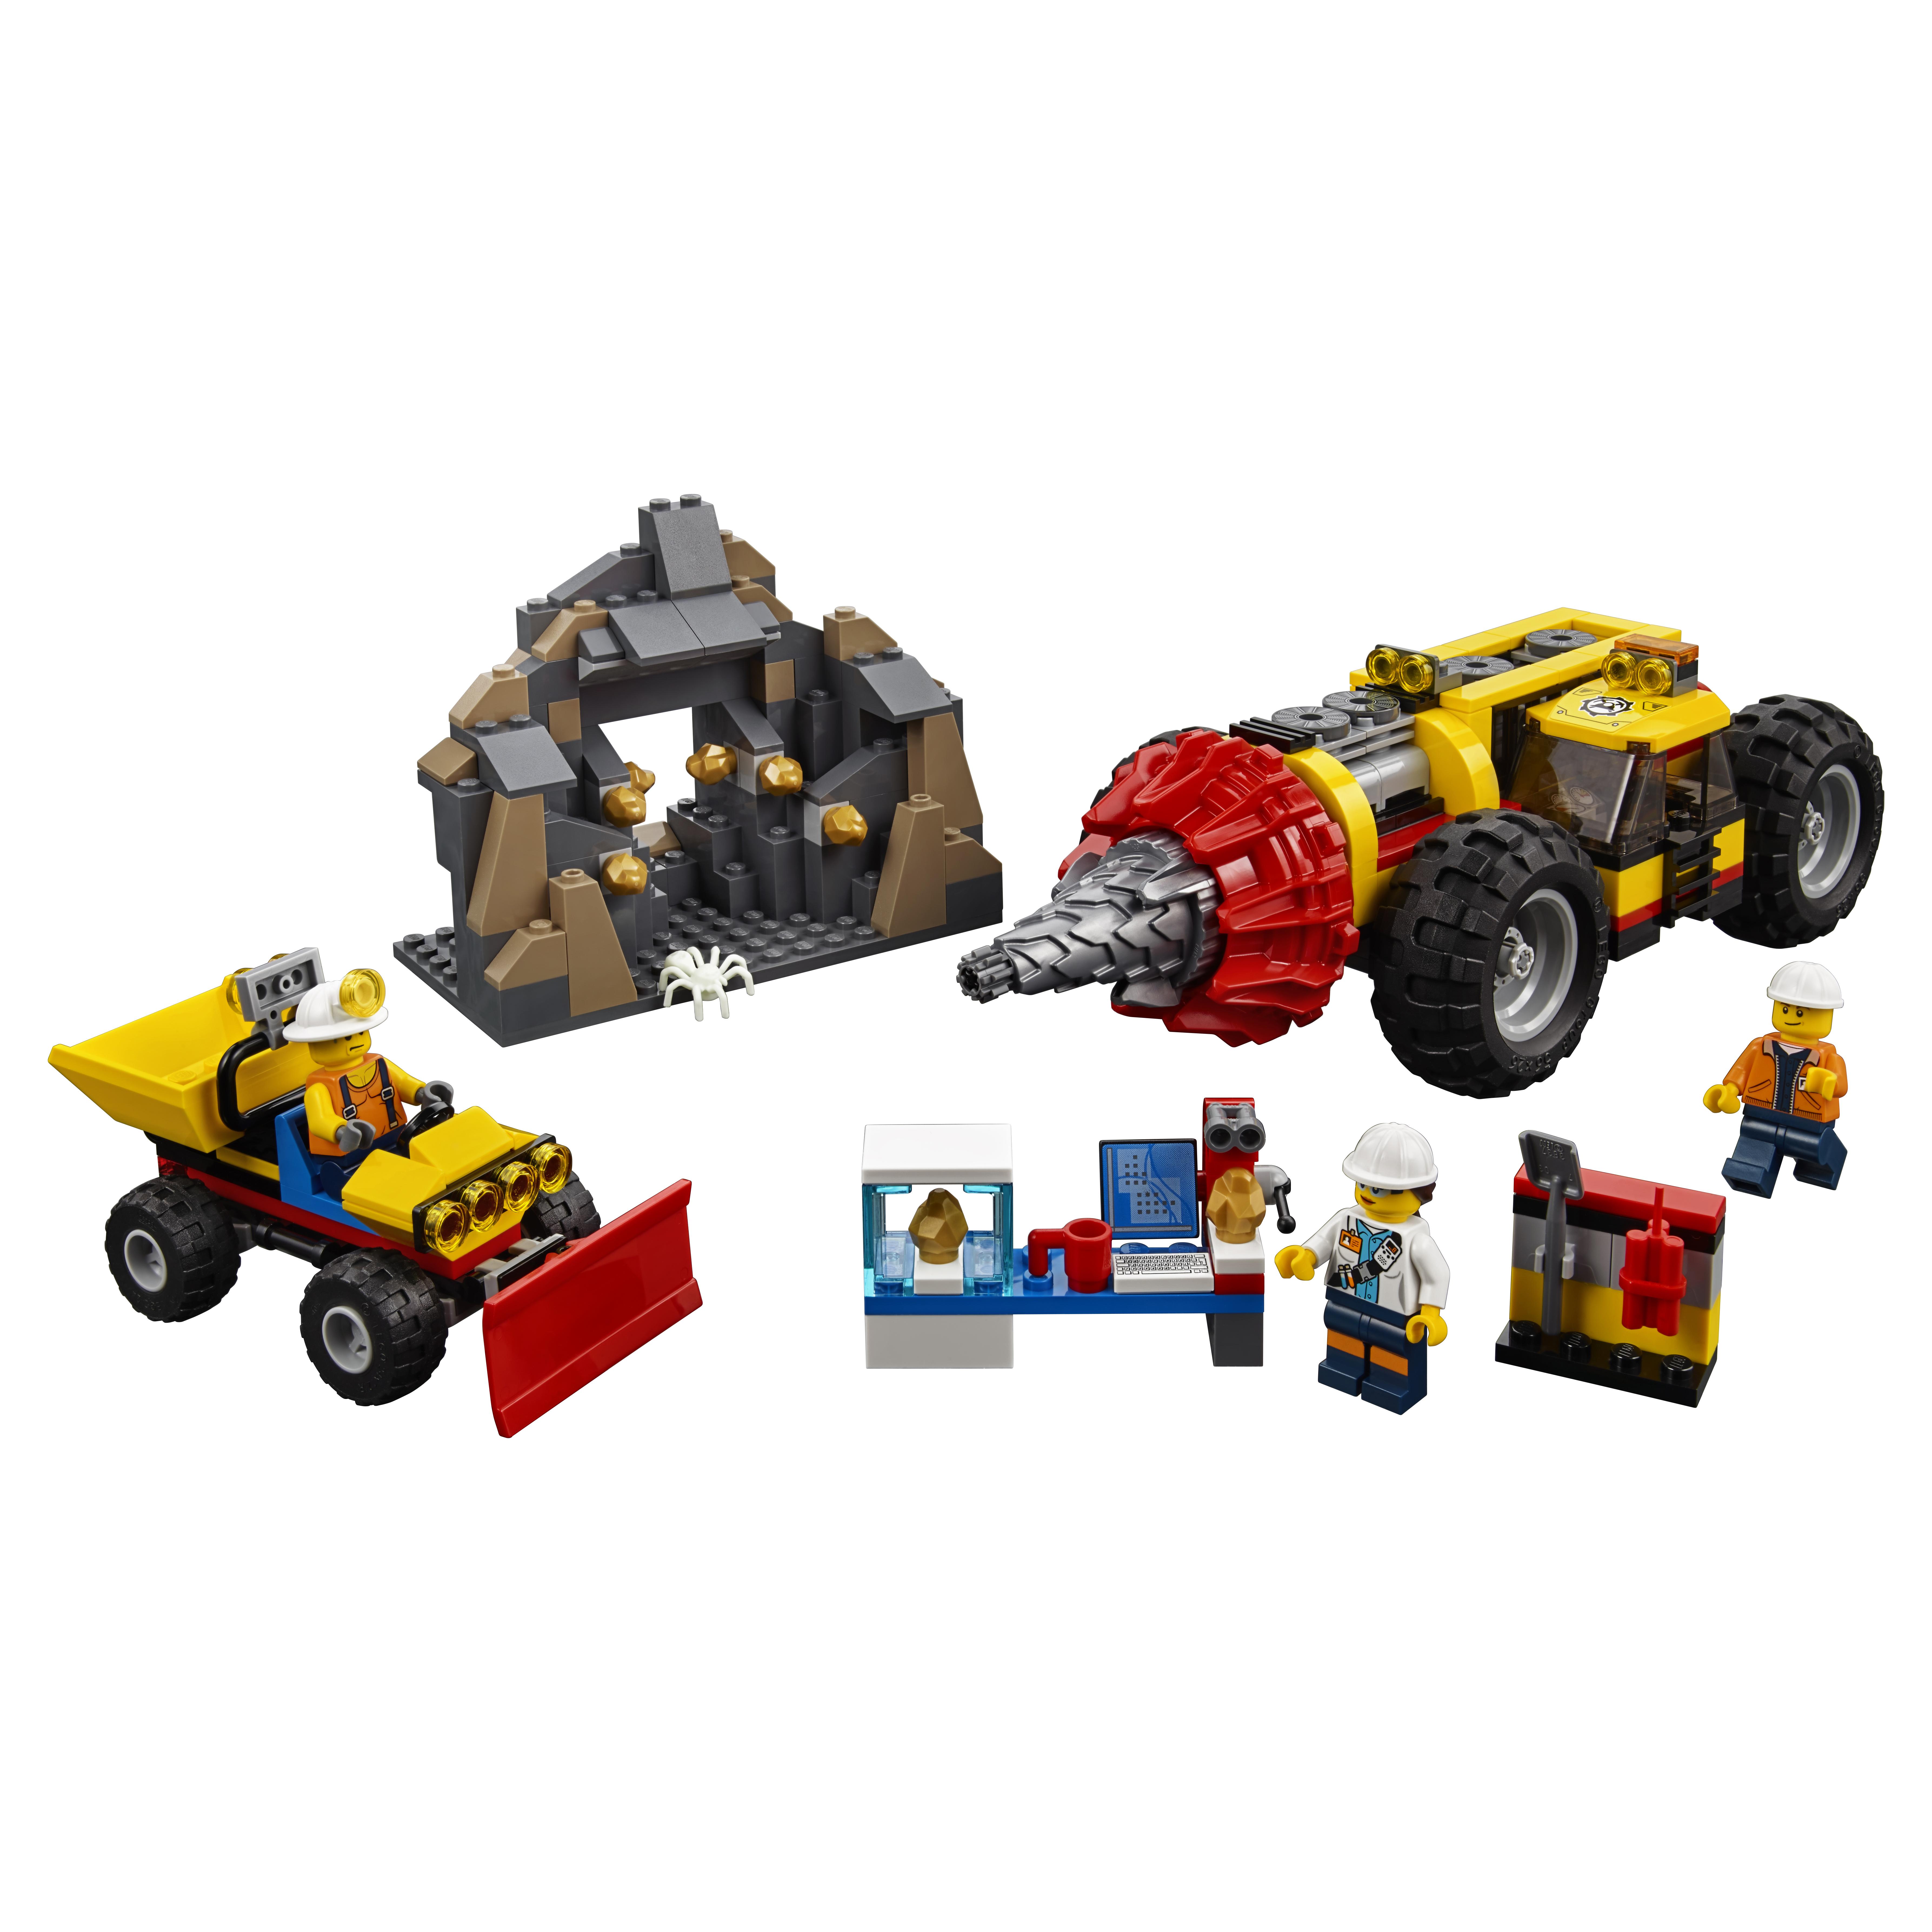 Конструктор lego city mining тяжелый бур для горных работ (60186), Конструктор LEGO City Mining Тяжелый бур для горных работ (60186)  - купить со скидкой